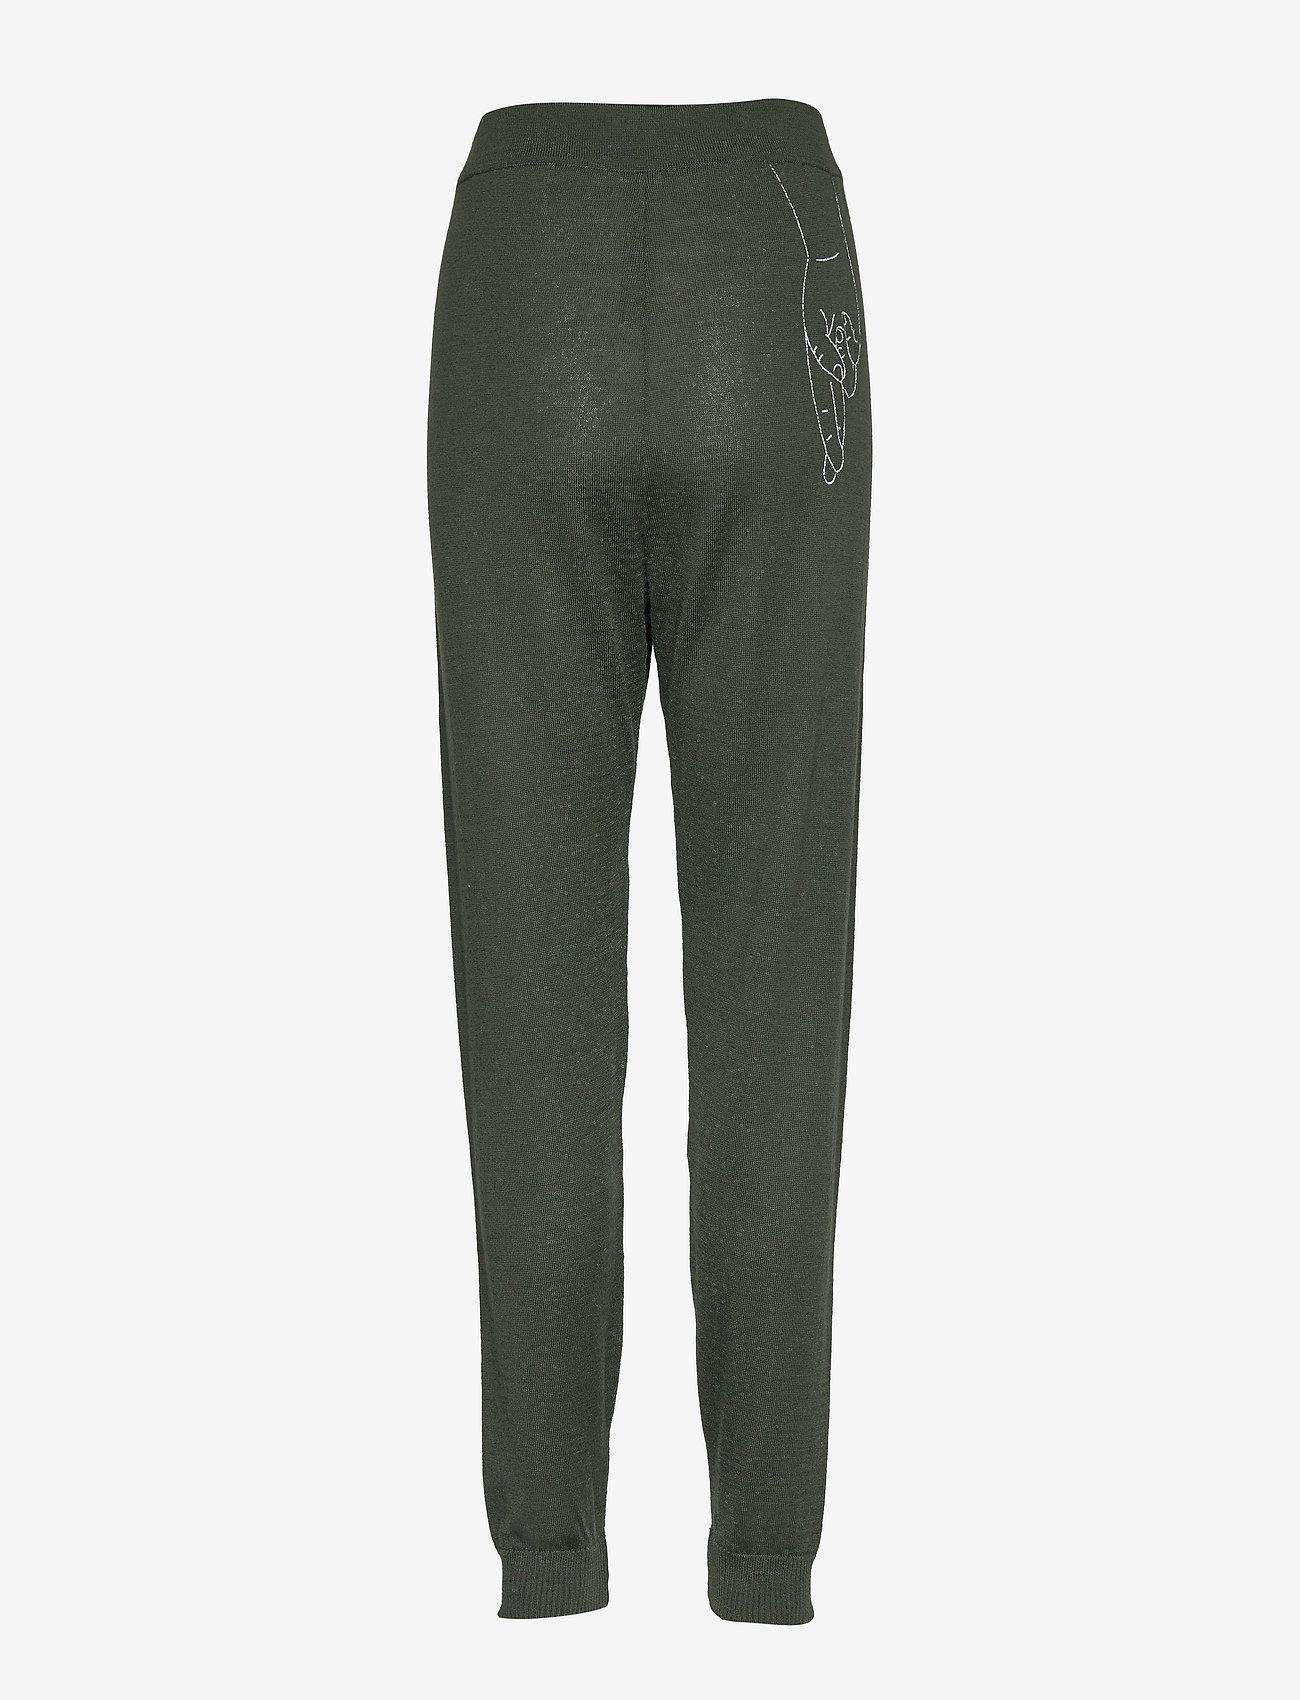 Underprotection - kimmie pants - spodnie dresowe - green - 1